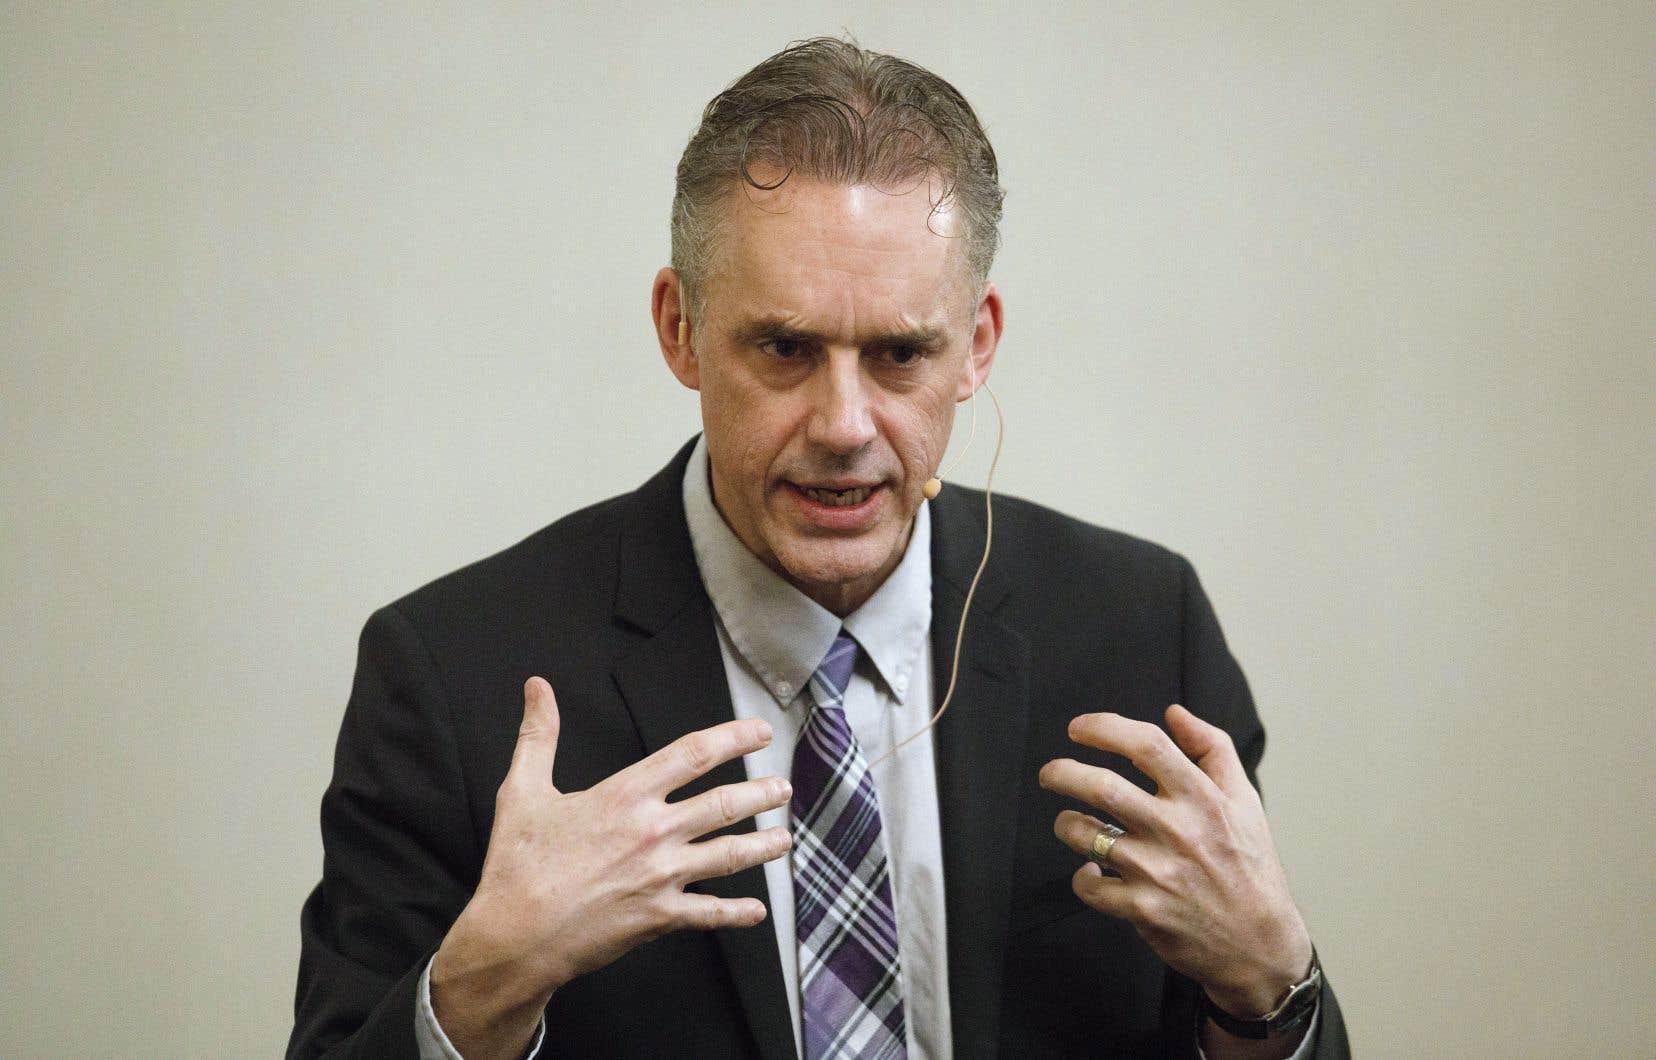 Jordan Peterson est populaire: son dernier livre fait partie des dix meilleures ventes aux États-Unis, en Grande-Bretagne et au Canada.